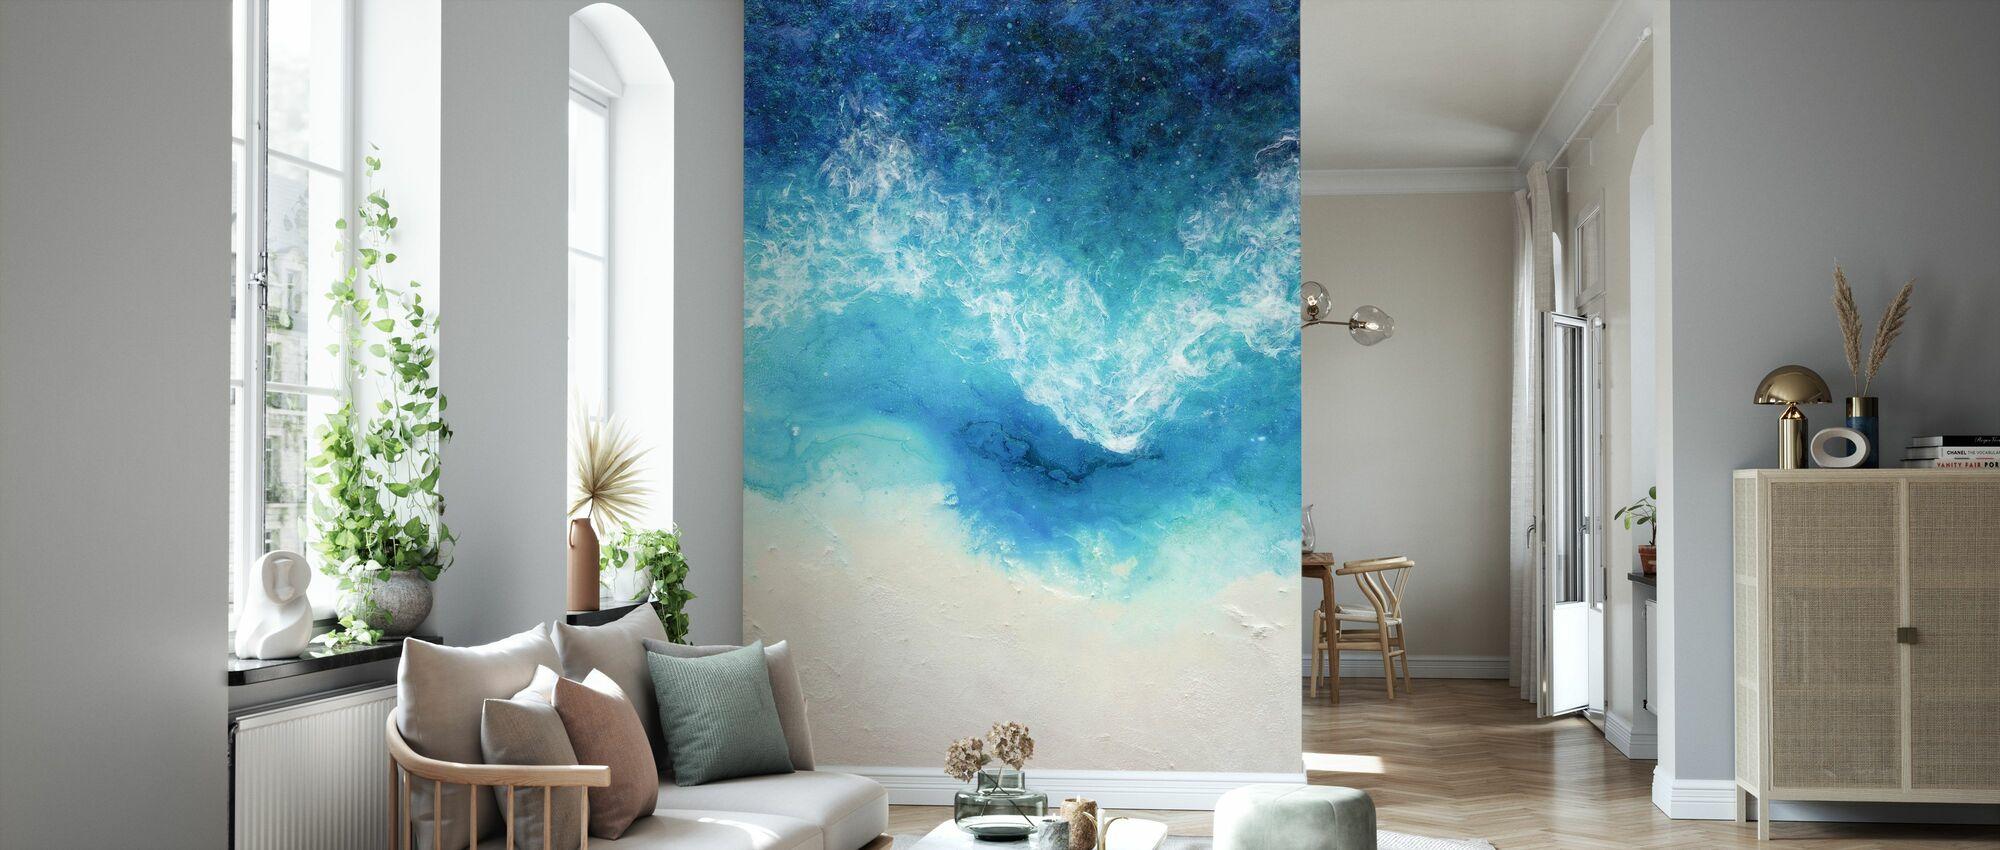 Astra - Wallpaper - Living Room